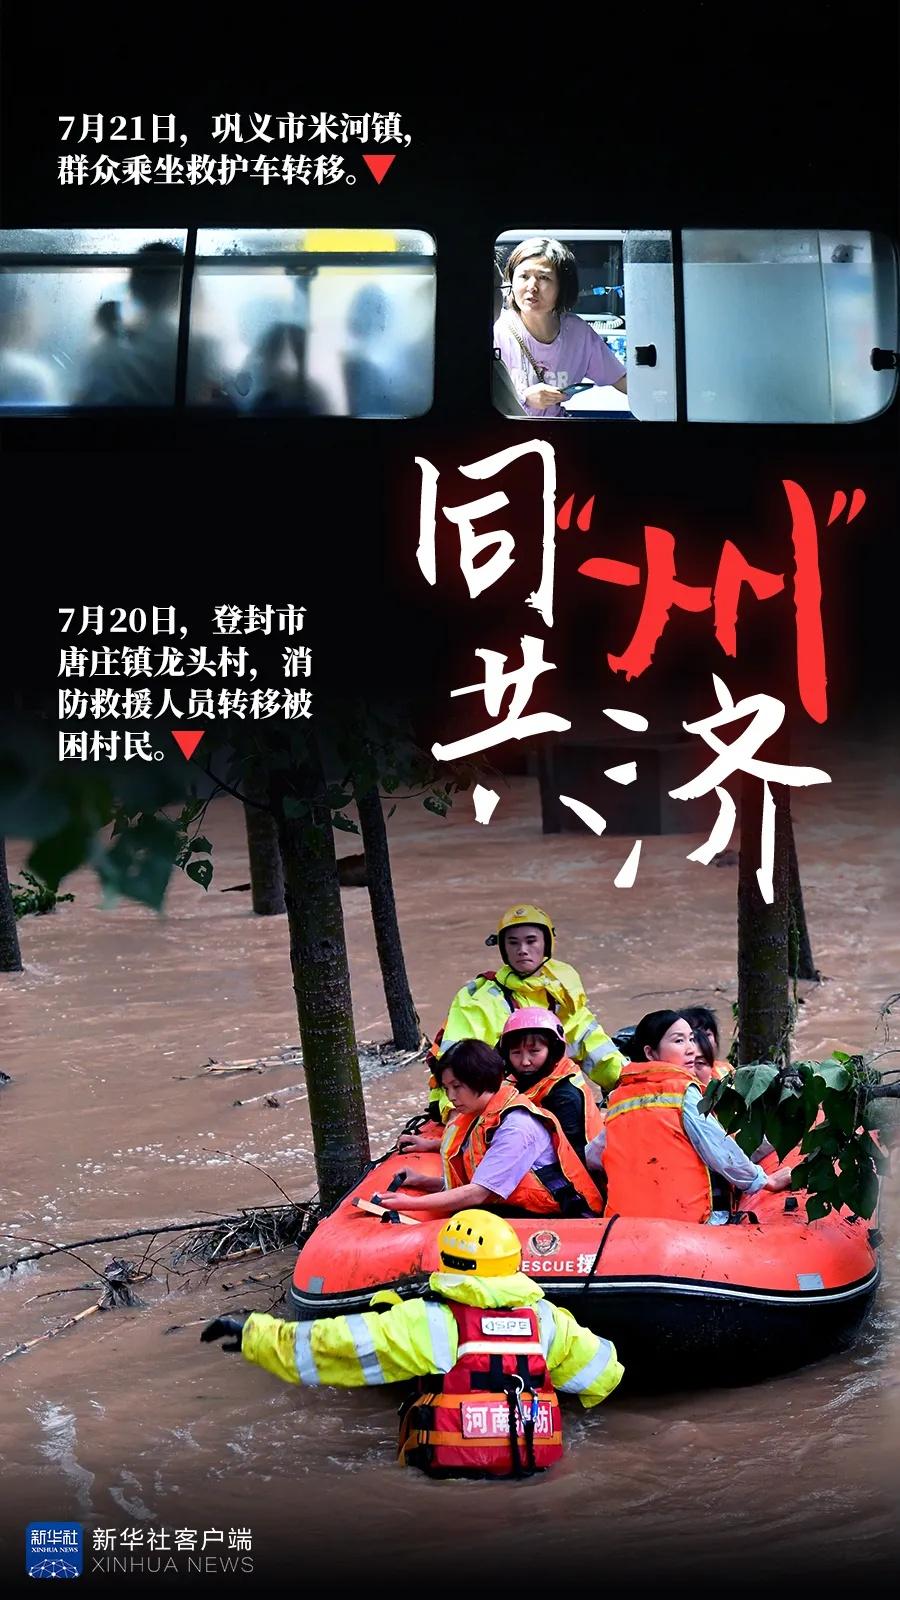 风雨揪心 救援同心——新华社记者多路直击河南强降水